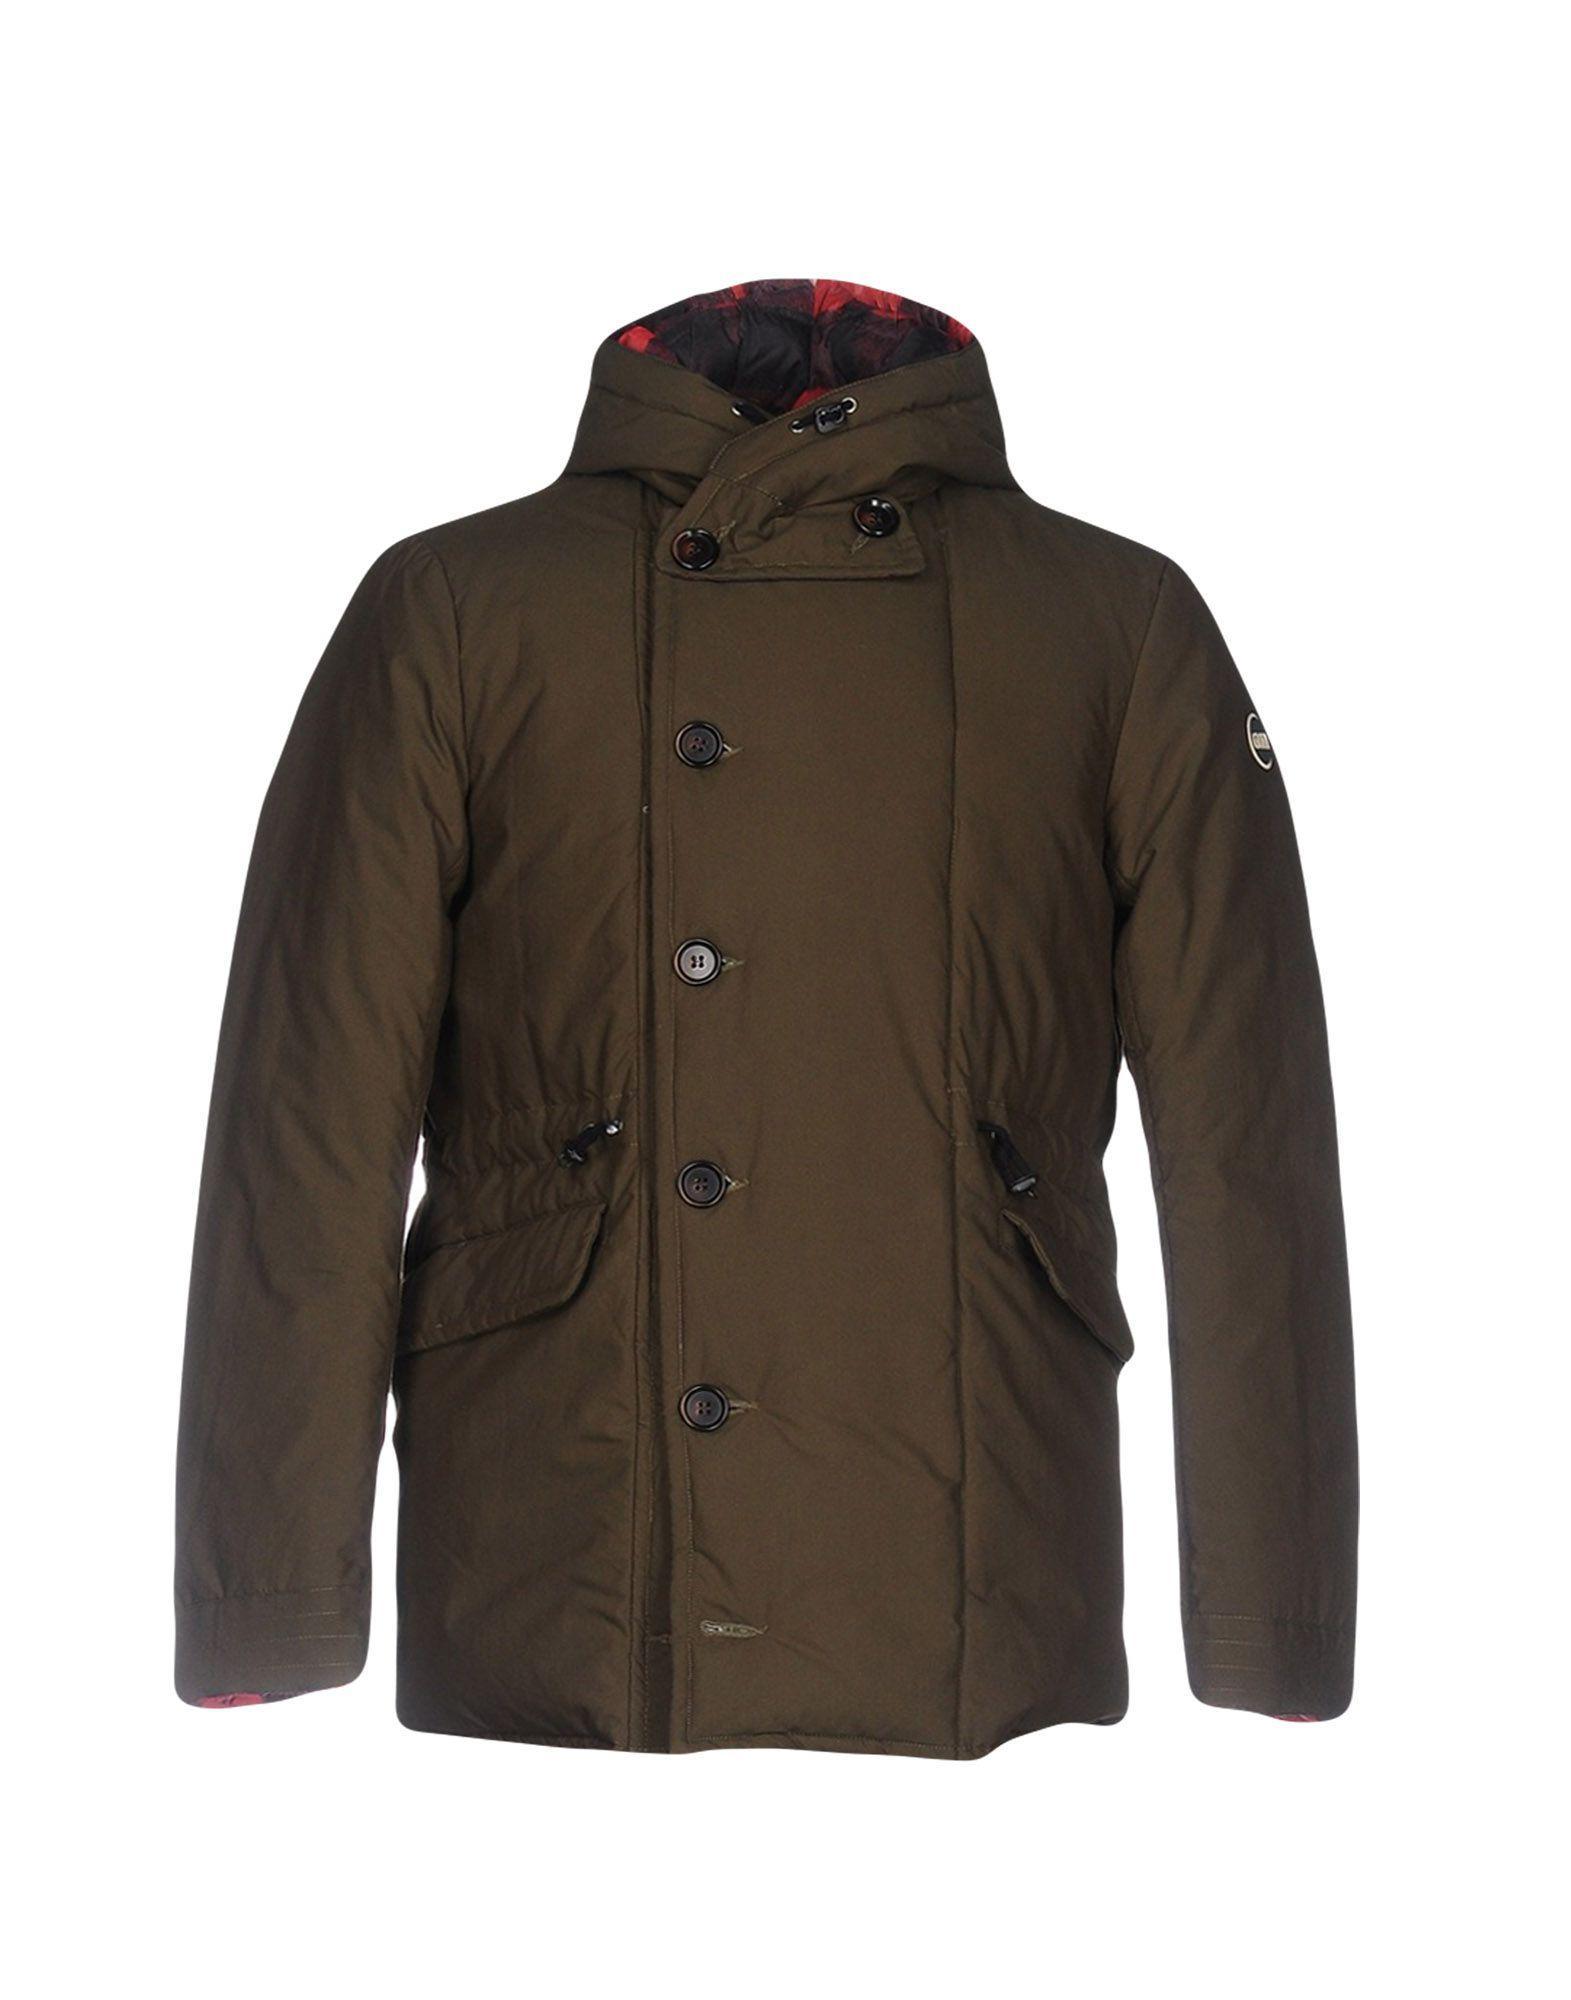 Colmar Originals Down Jackets In Dark Green